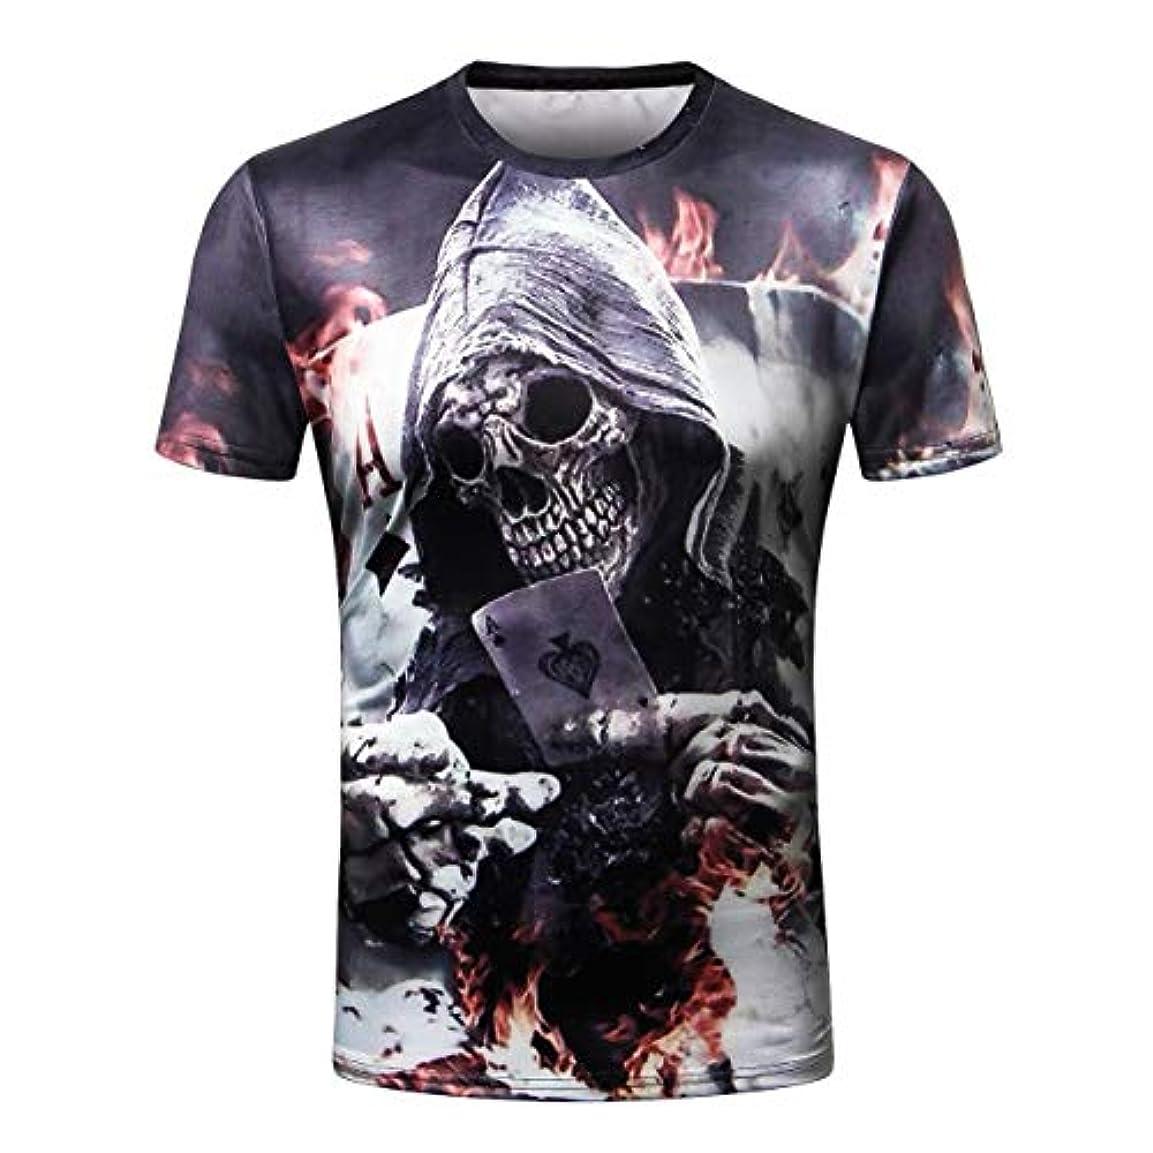 ジョグ一貫性のないしばしばDeeploveUU メンズTシャツ3Dスカルヘッドプリントメンズ半袖Tシャツ快適なカジュアルラウンドカラー男性シャツトップス日常着